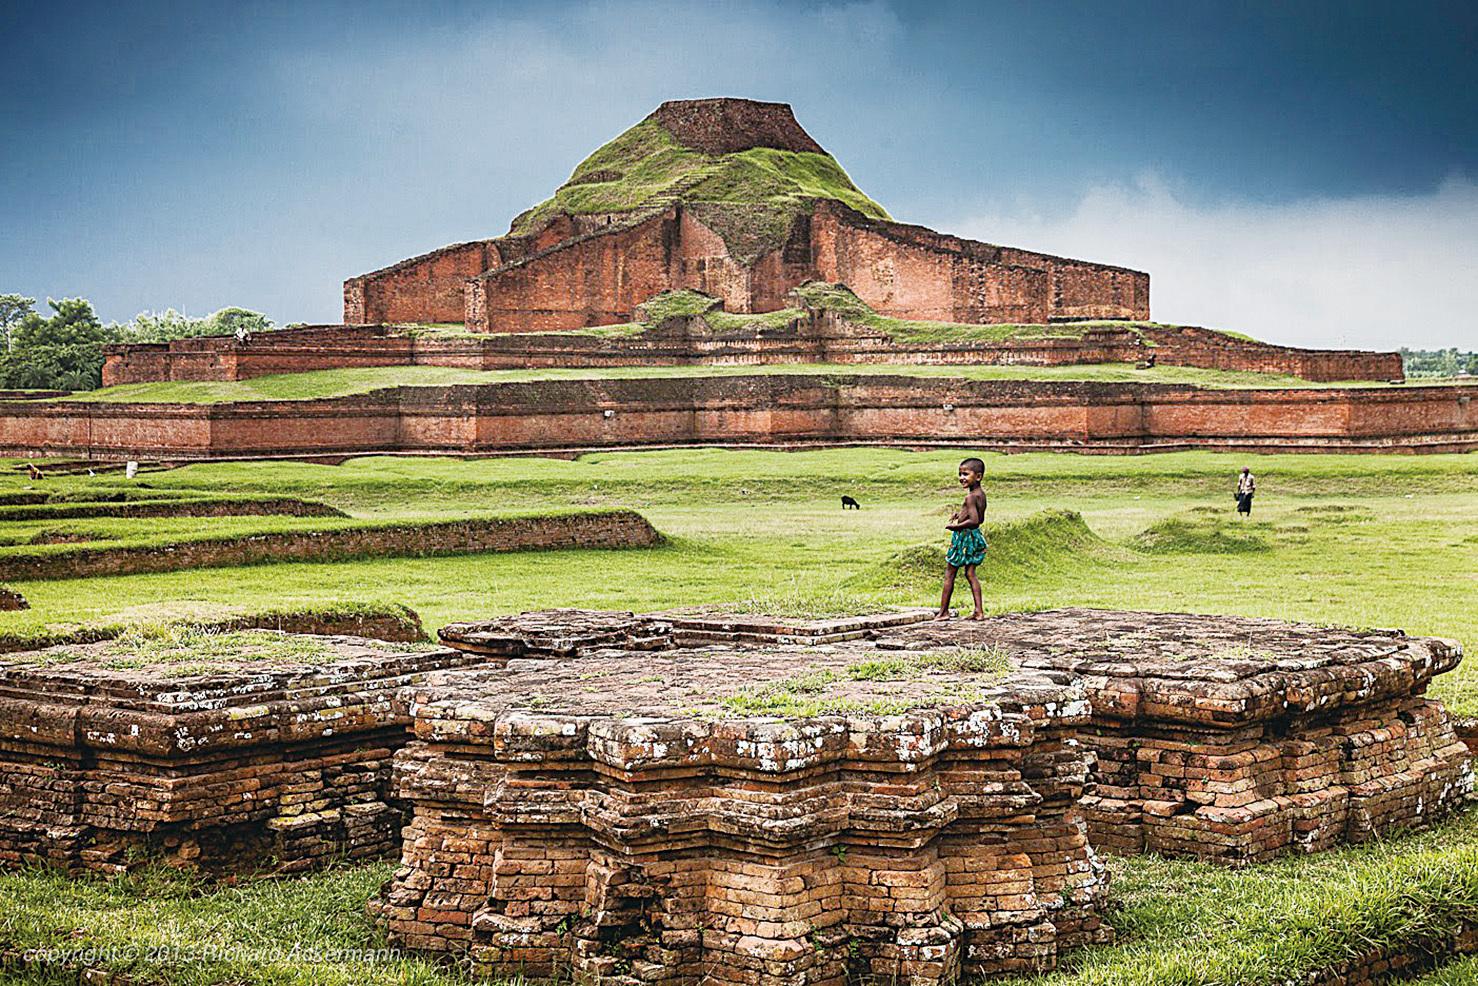 帕哈爾普爾遺址——大乘佛教在孟加拉興起的見證。(網絡圖片)